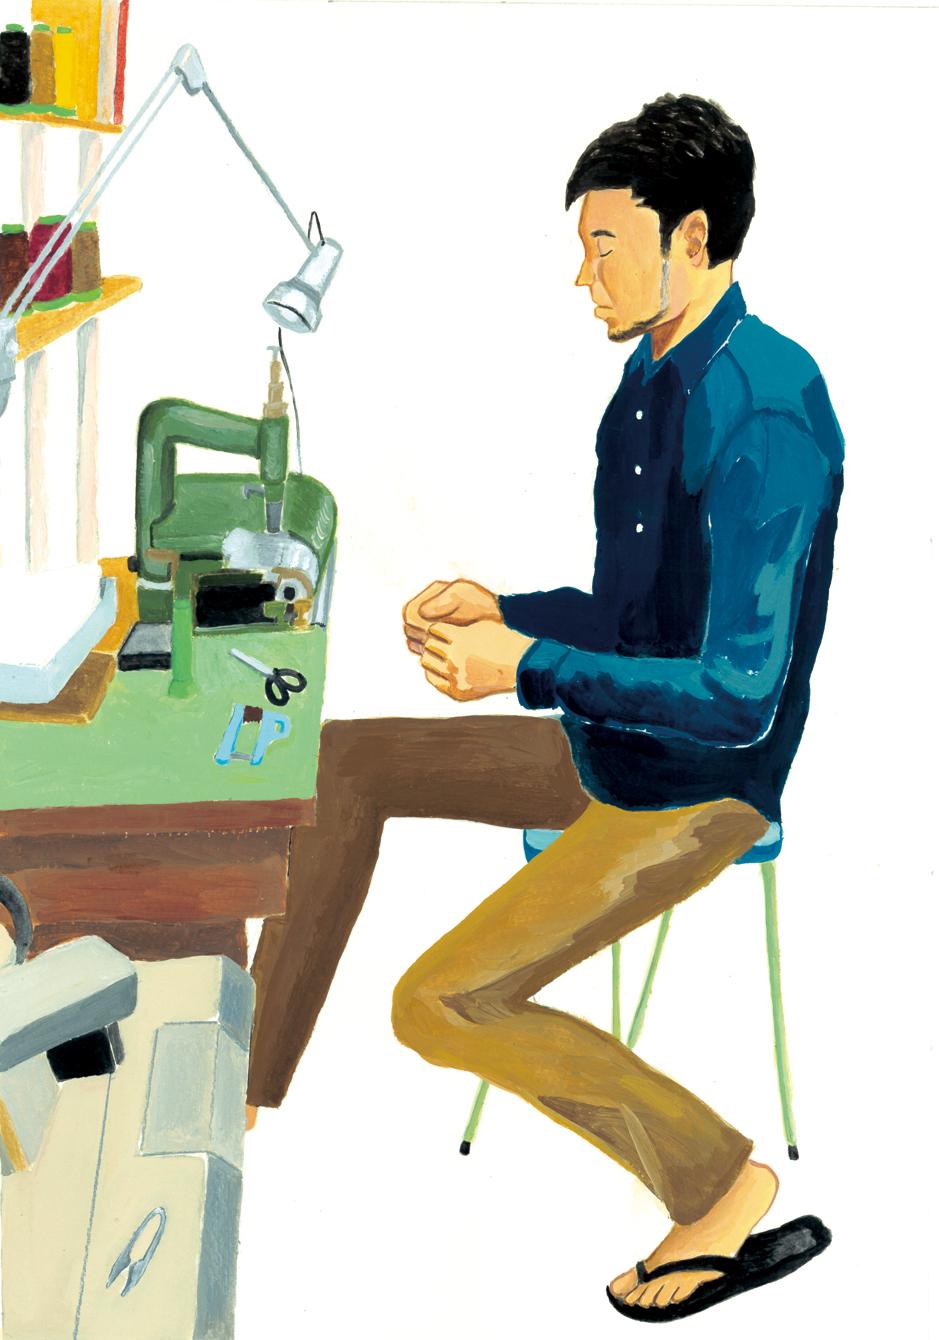 革製品ブランド エムピウ 村上雄一郎さん(東京都/蔵前)